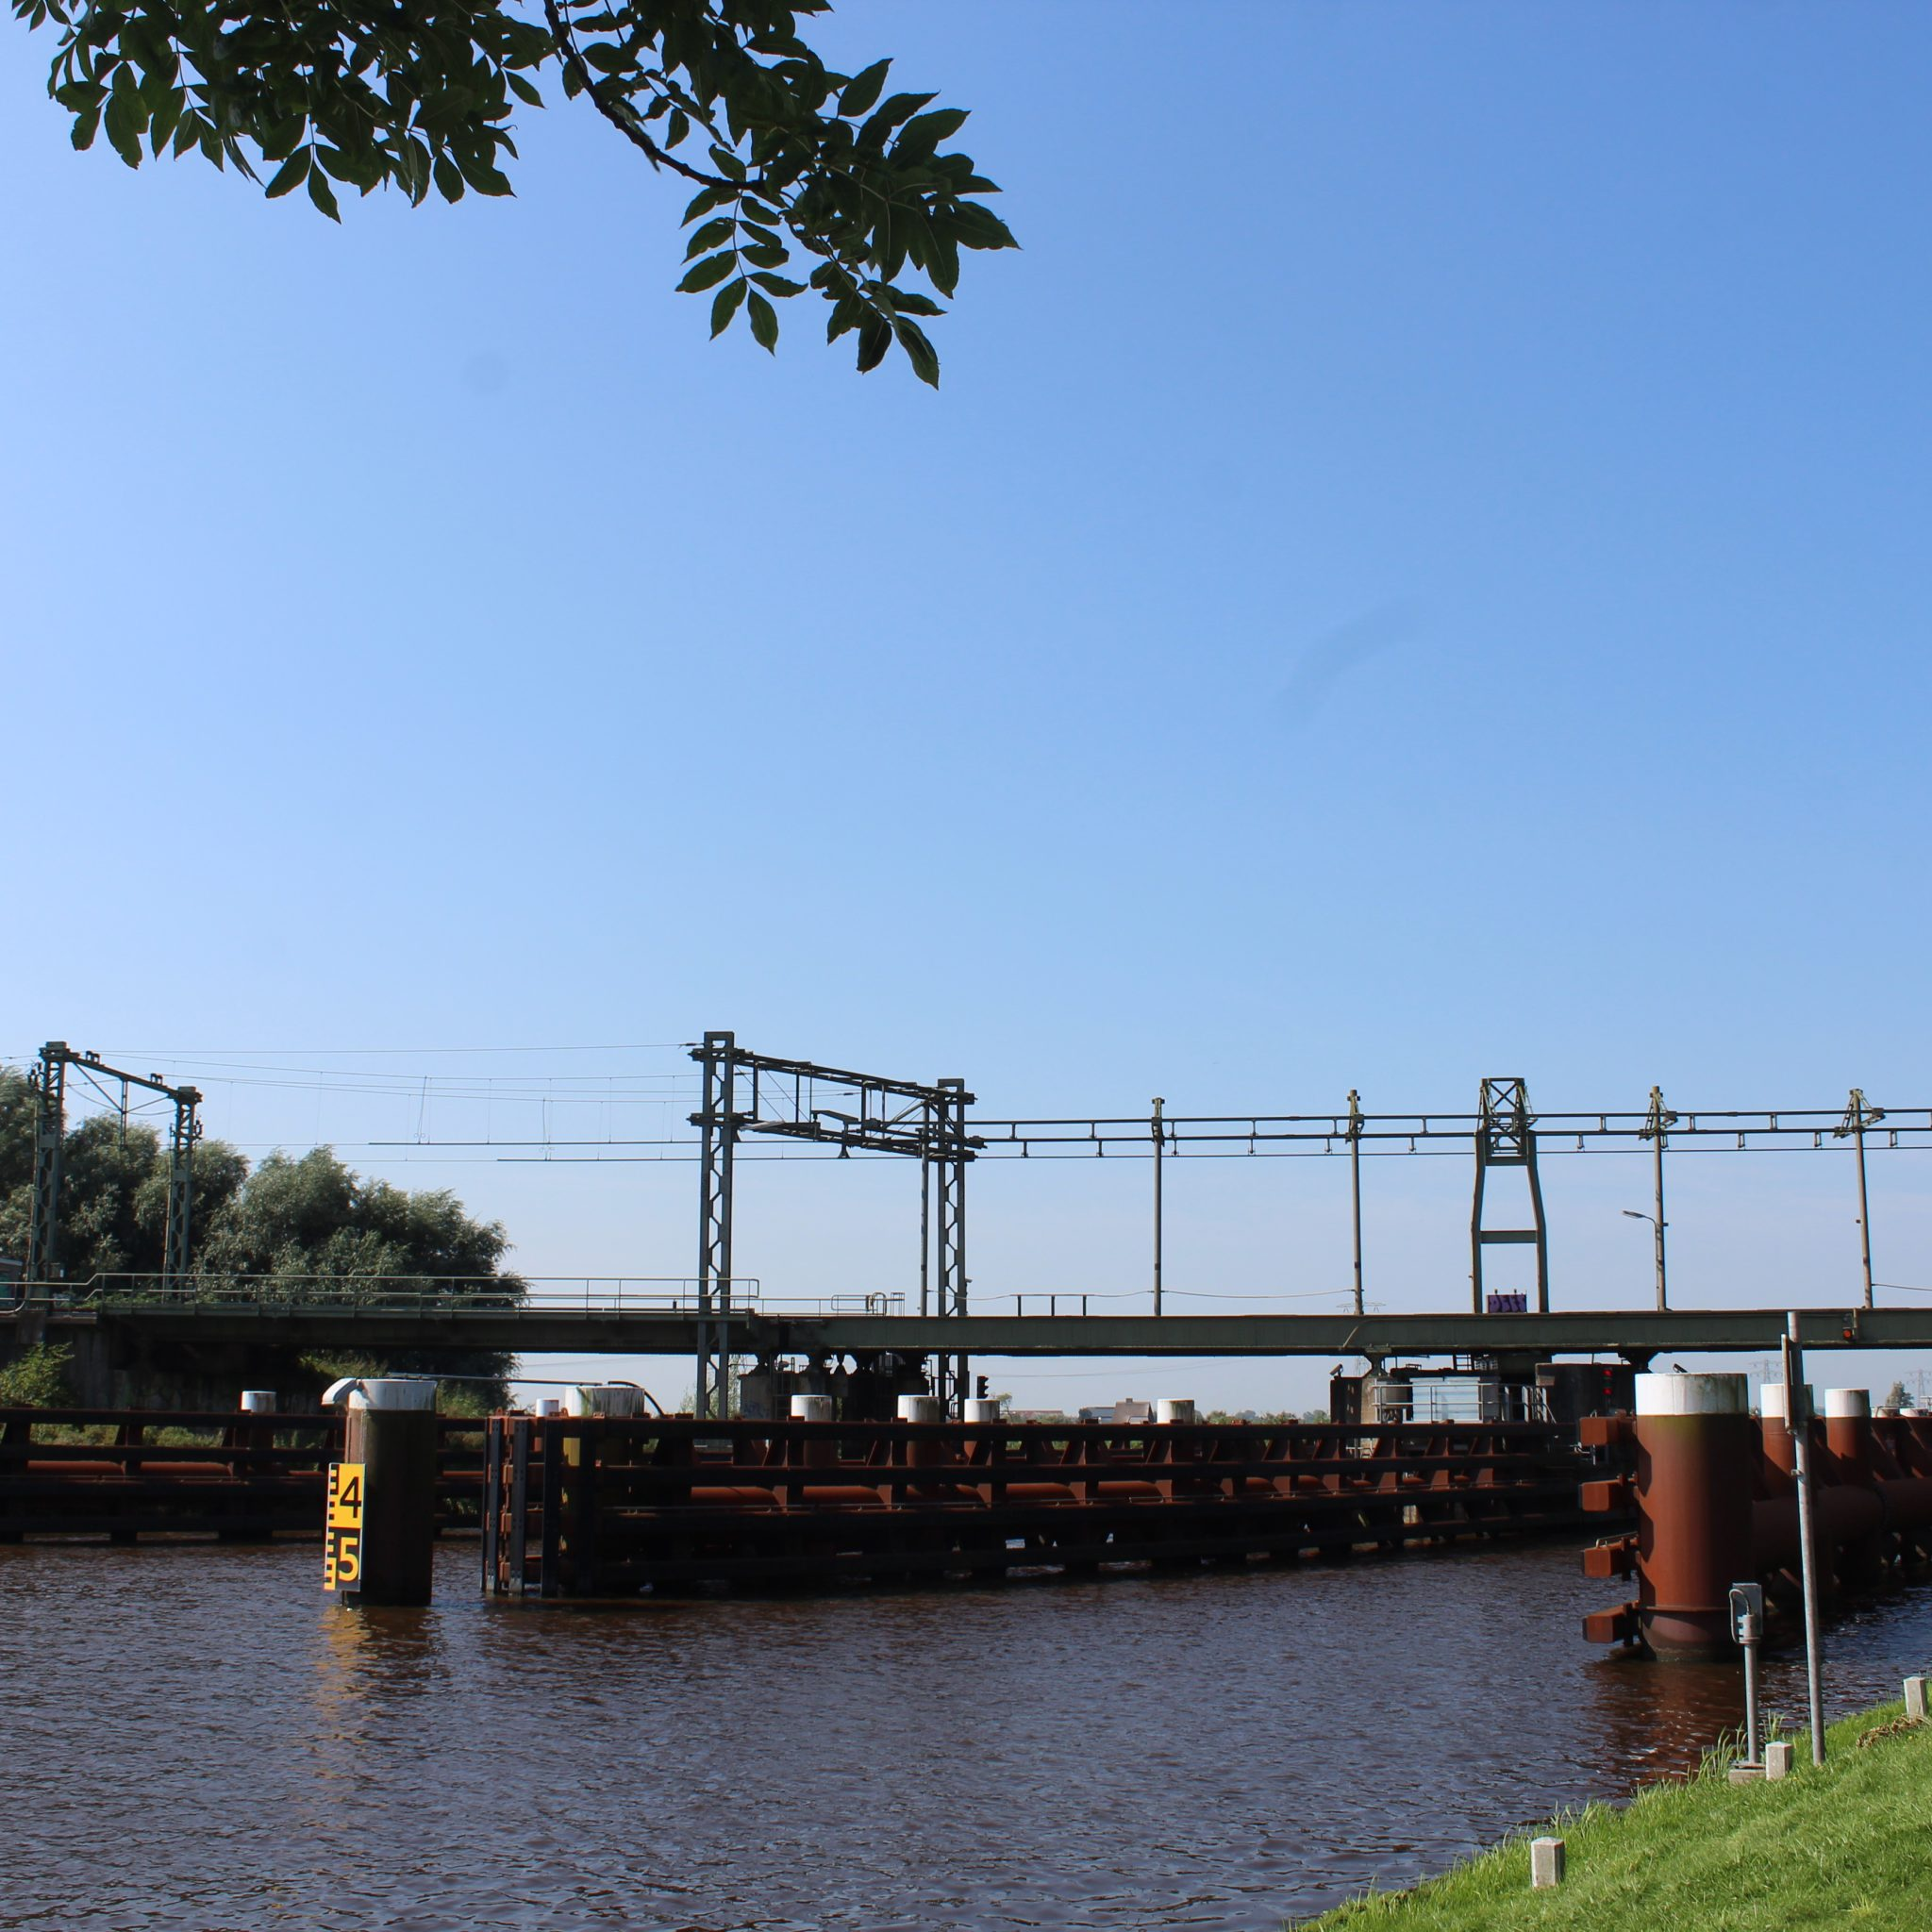 Pas eind oktober wordt de cilinder terugverwacht bij de spoorbrug. (Foto ProNews)